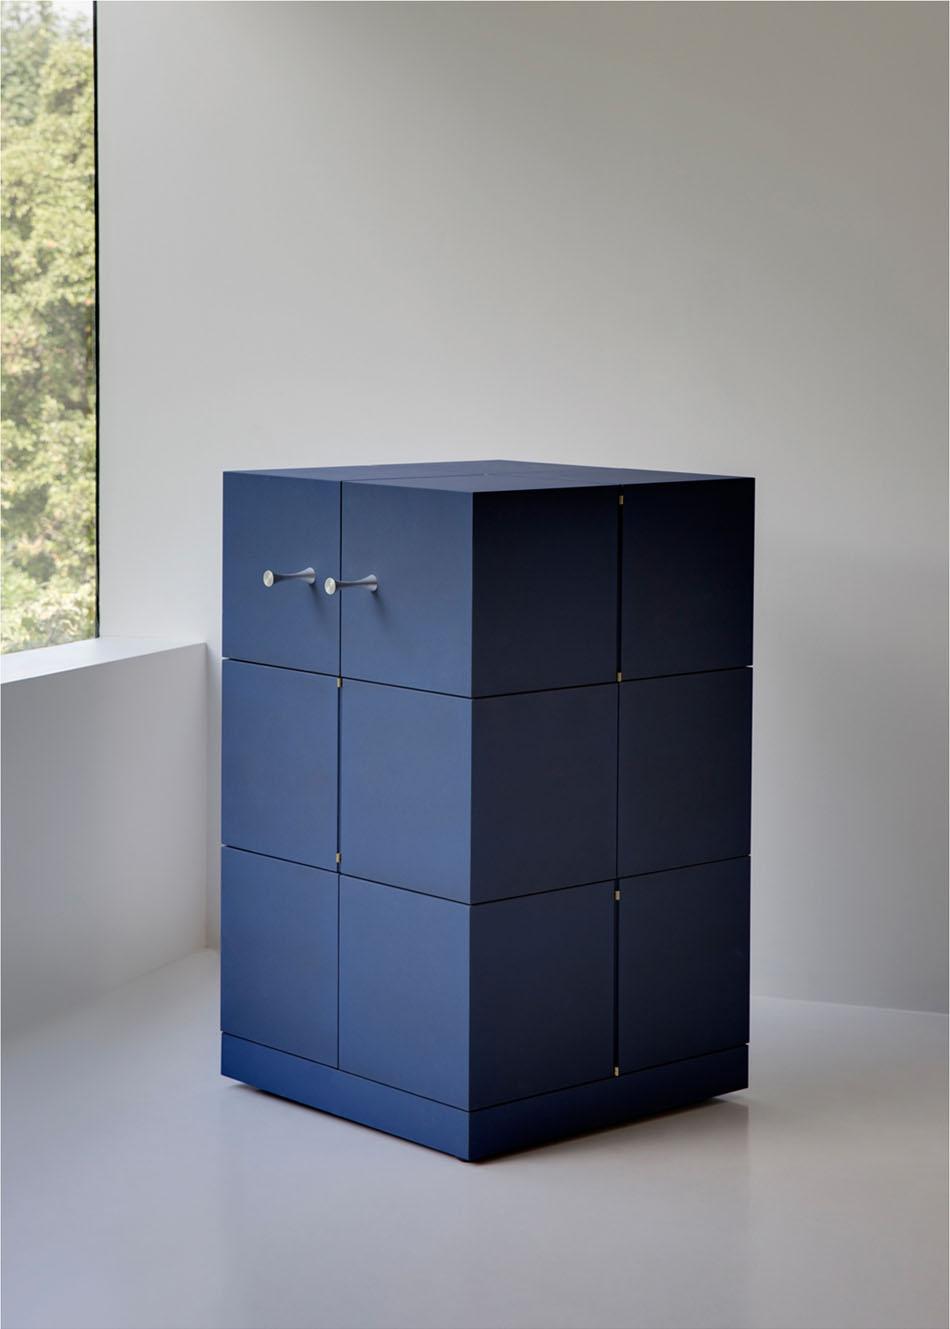 Дизайнерский шкаф в интерьере дома: Cubrick Twelwe